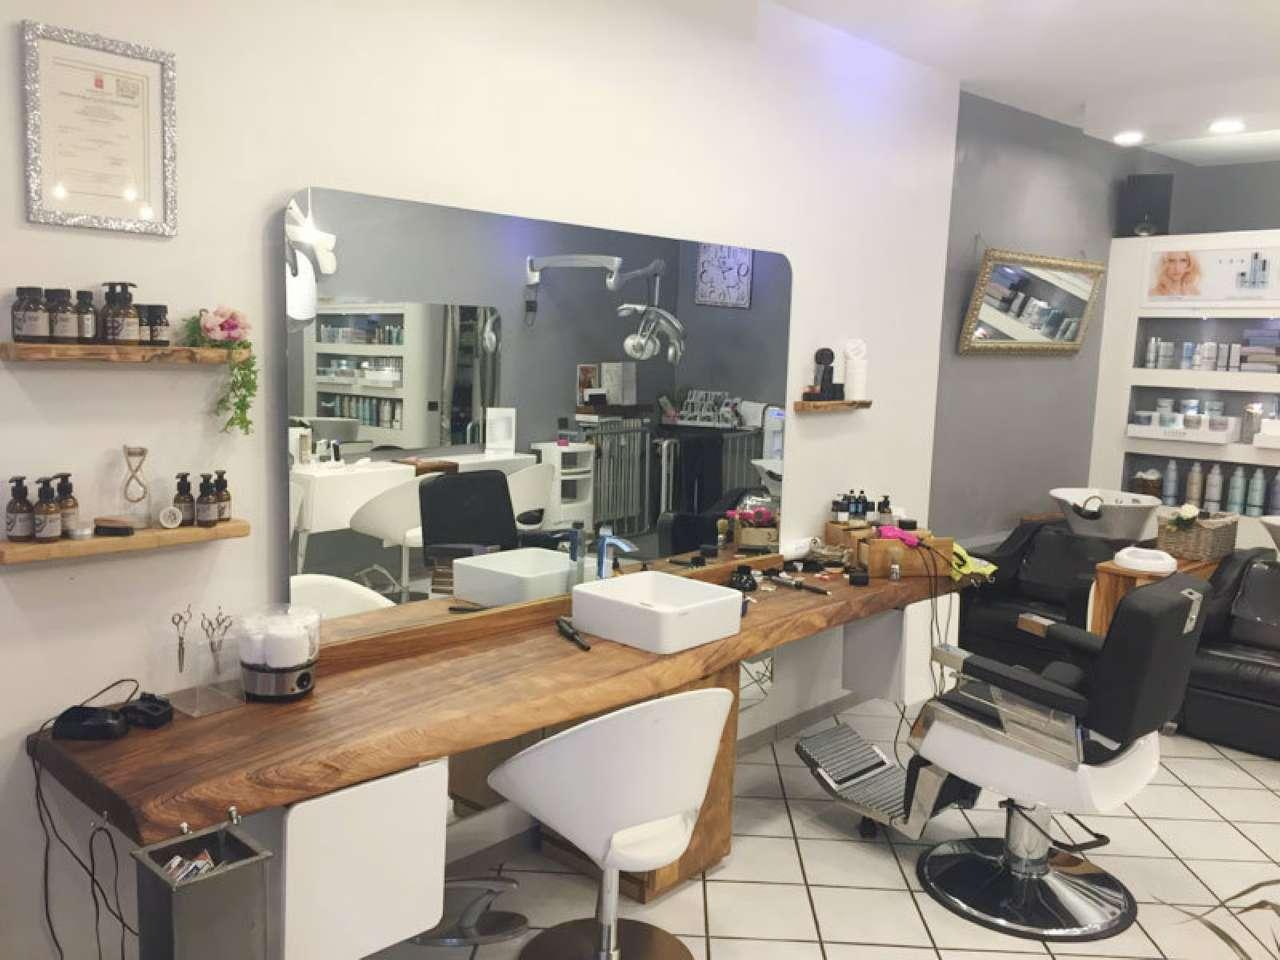 Negozio / Locale in vendita a Prato, 2 locali, prezzo € 80.000 | Cambio Casa.it